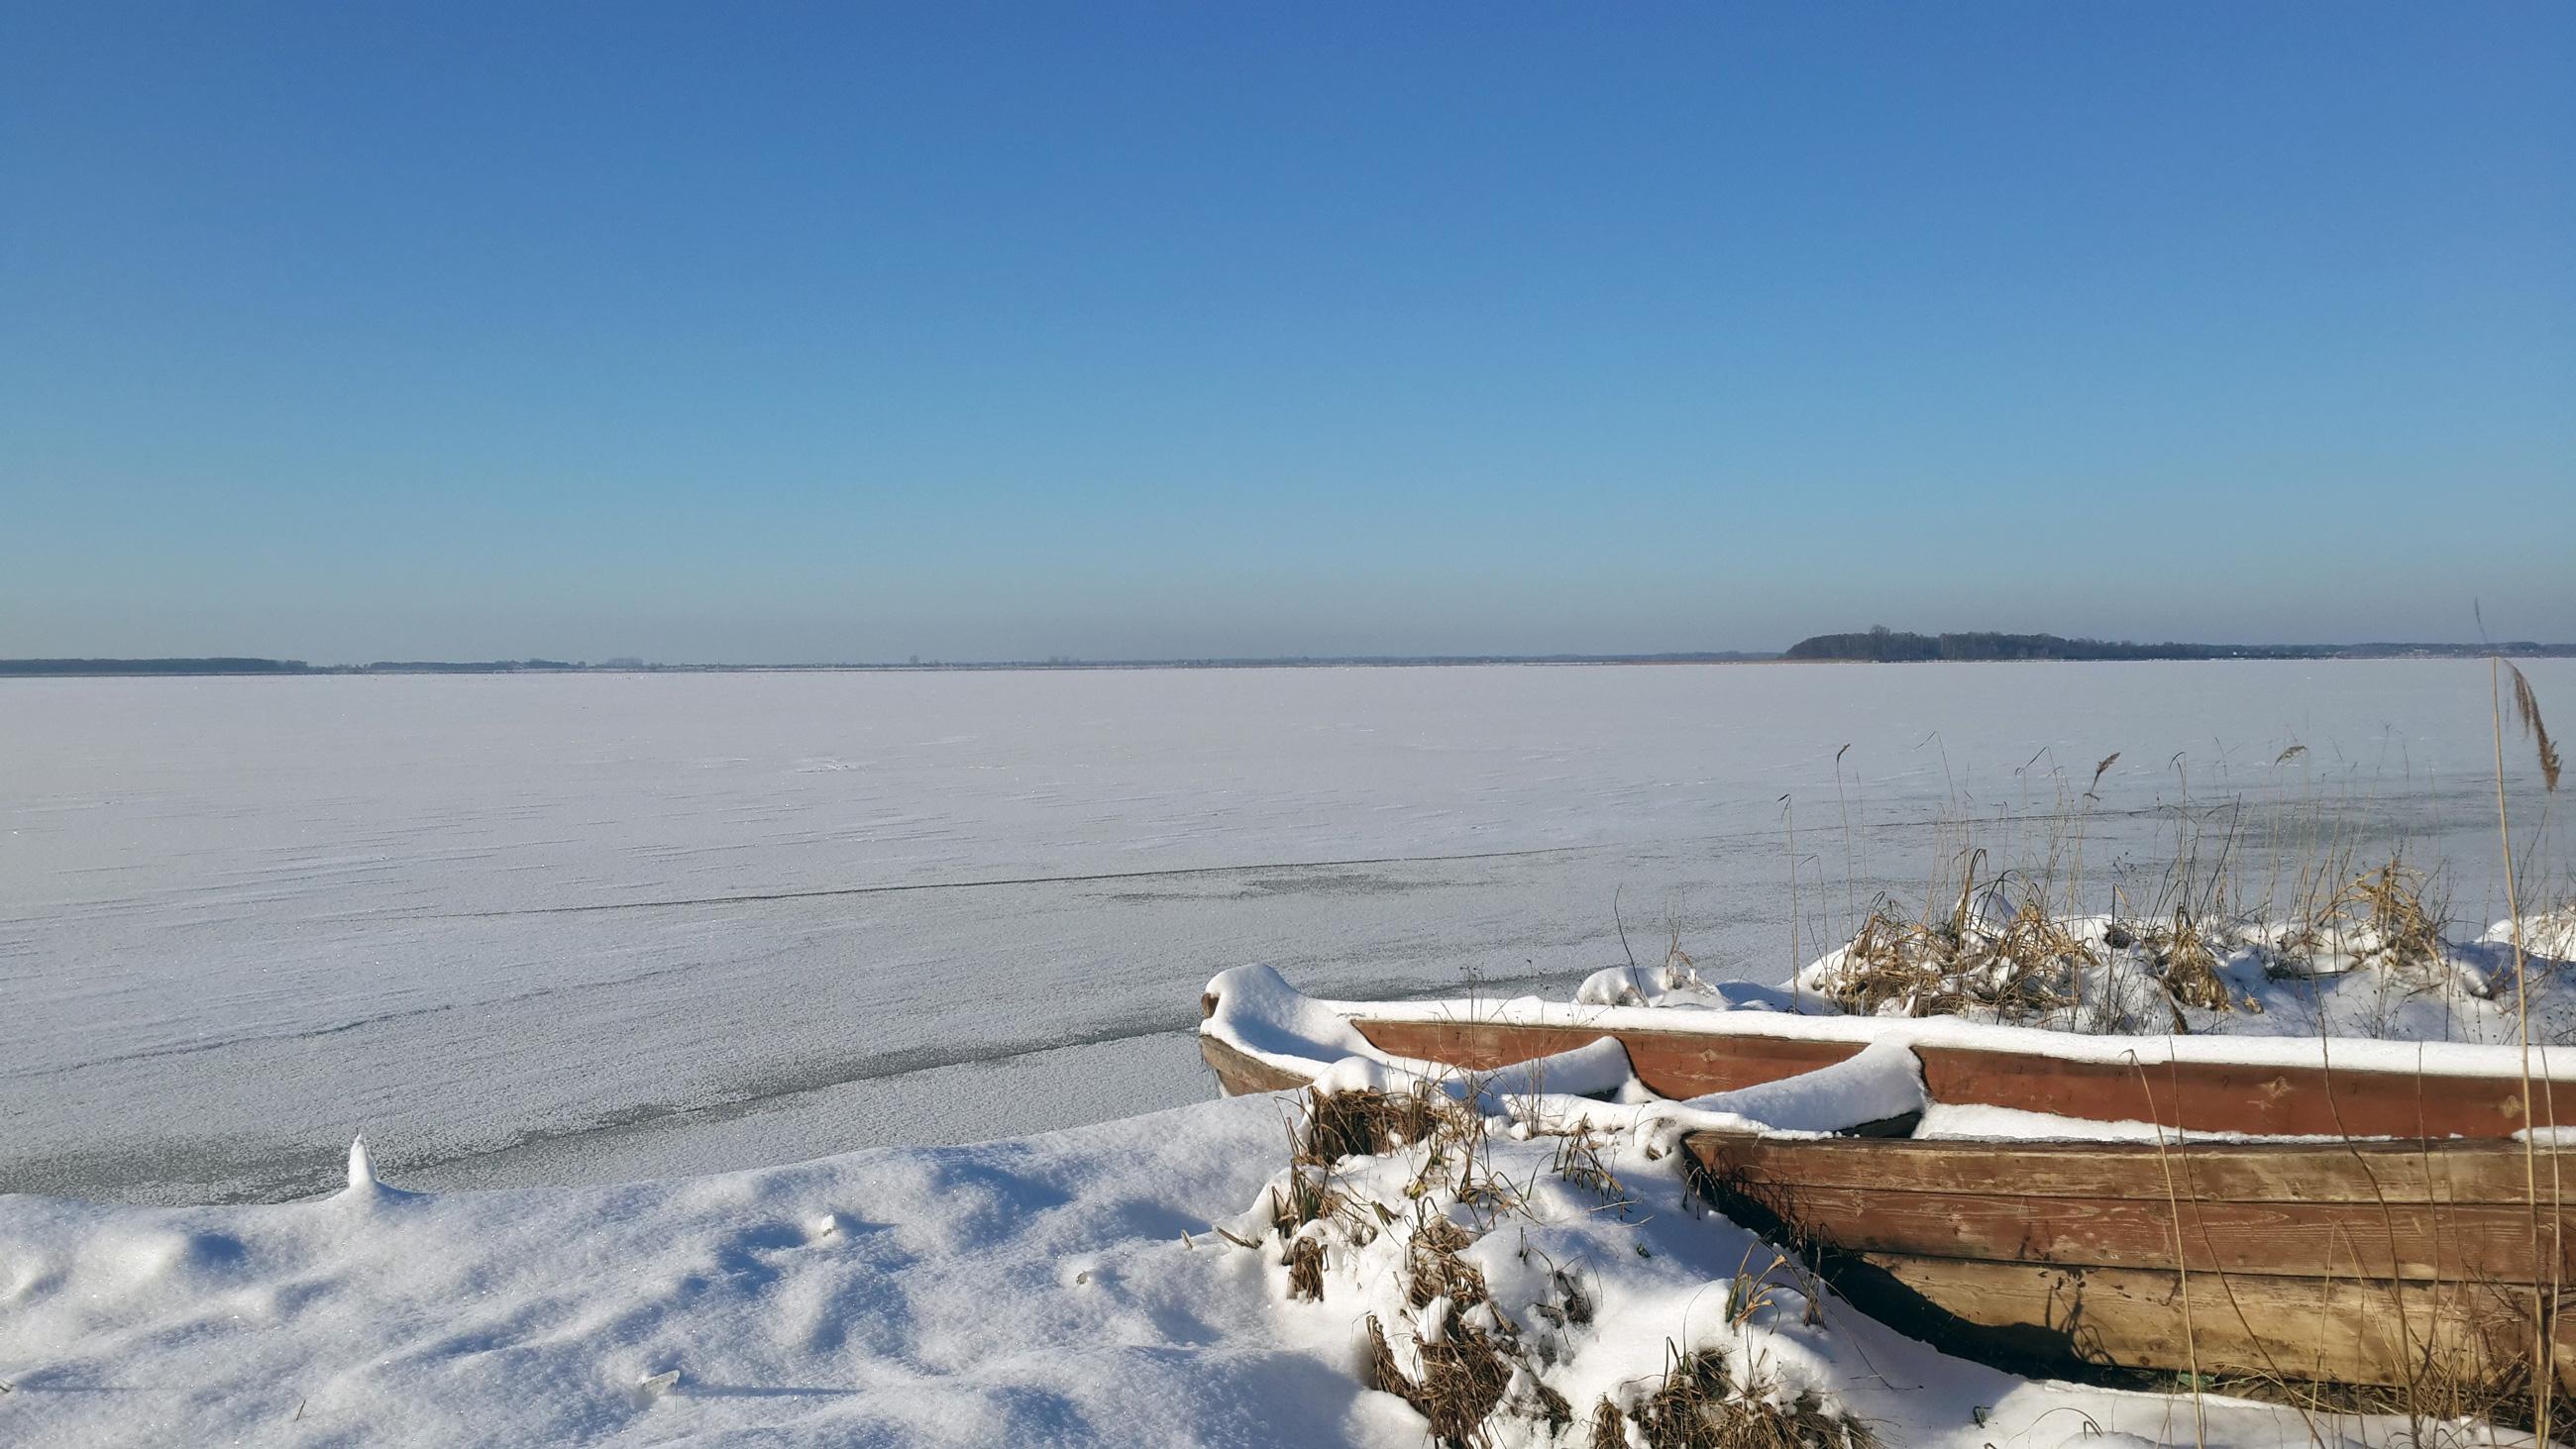 Поездка на озеро Свитязь зимой: коньки, лыжи и зимняя рыбалка